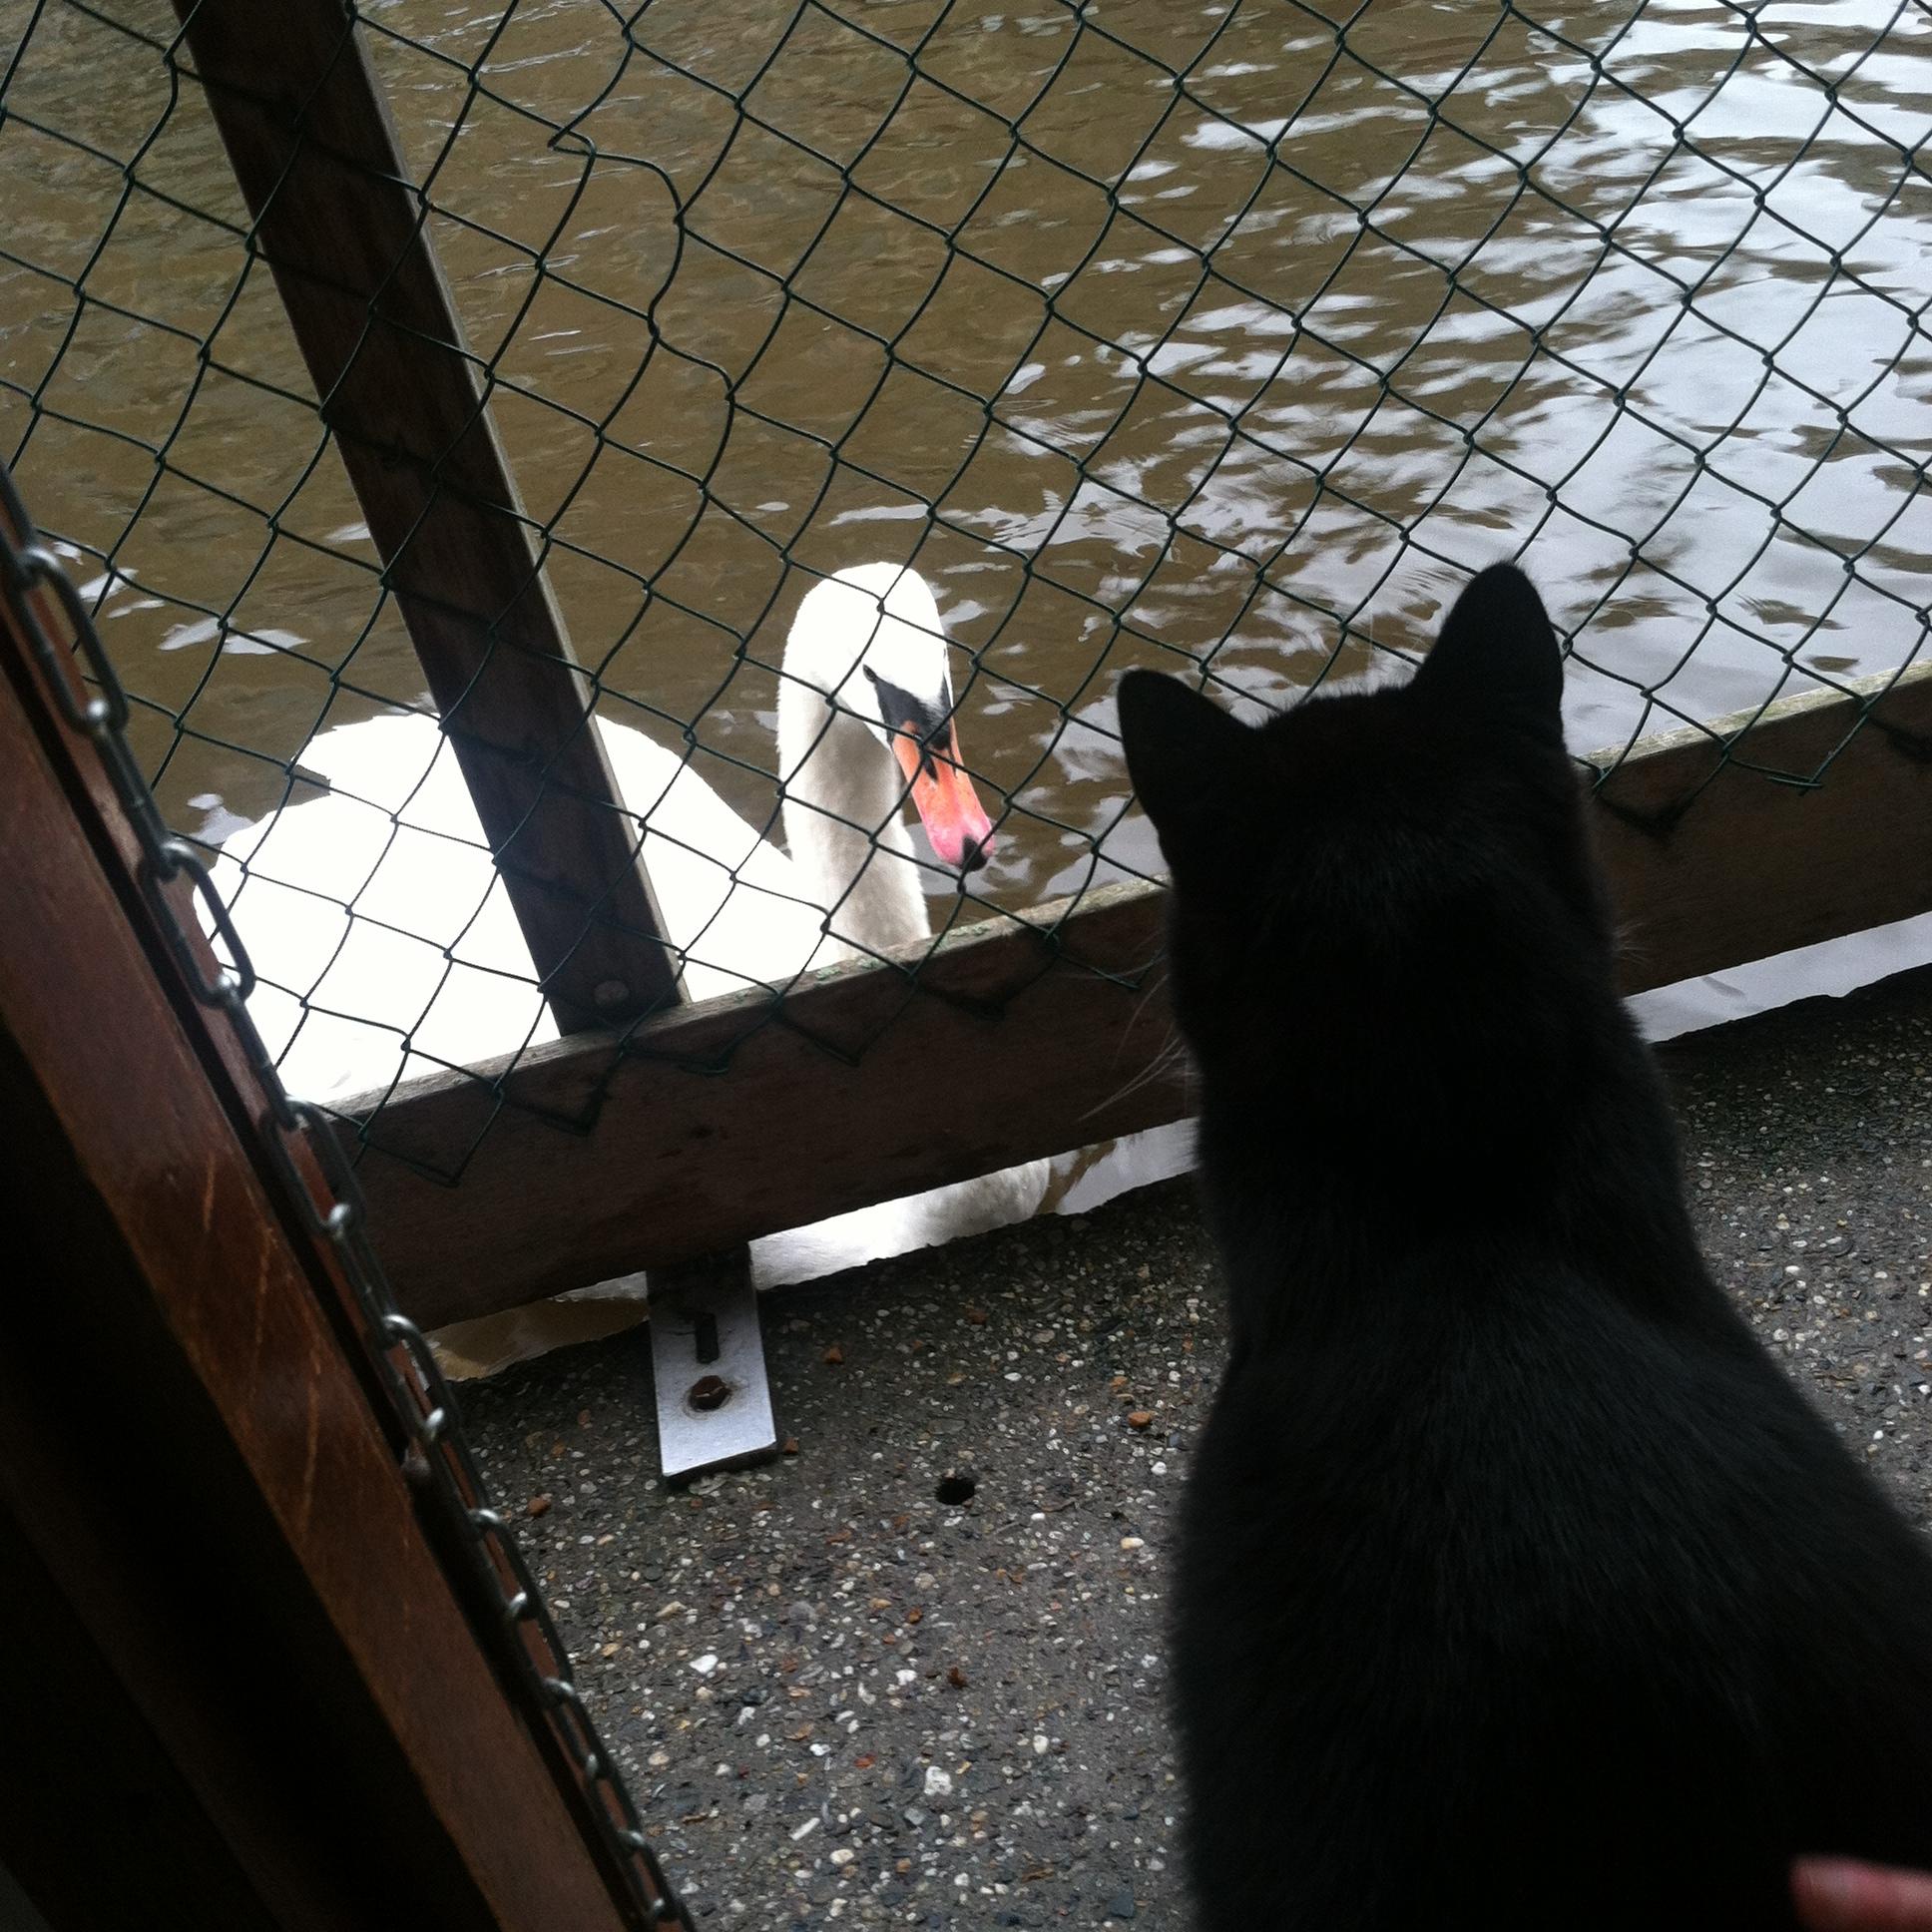 Swan, meet poes. Poes, meet swan. Hoi.